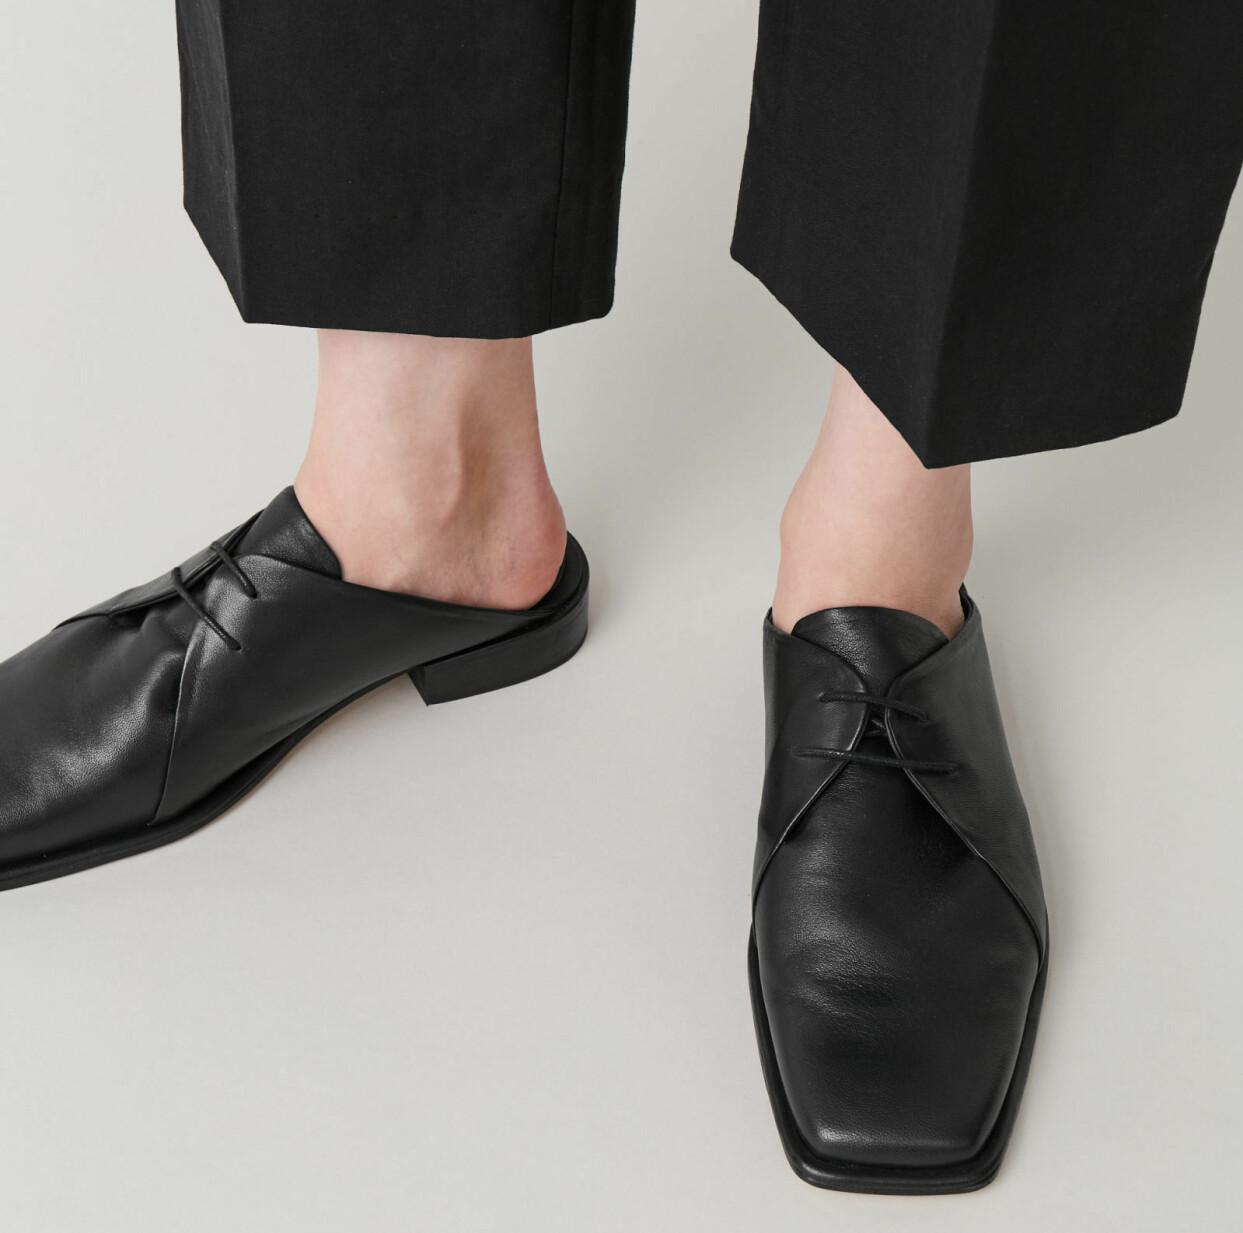 Svarta slip in-skor med snörning och carré-tå, från Cos